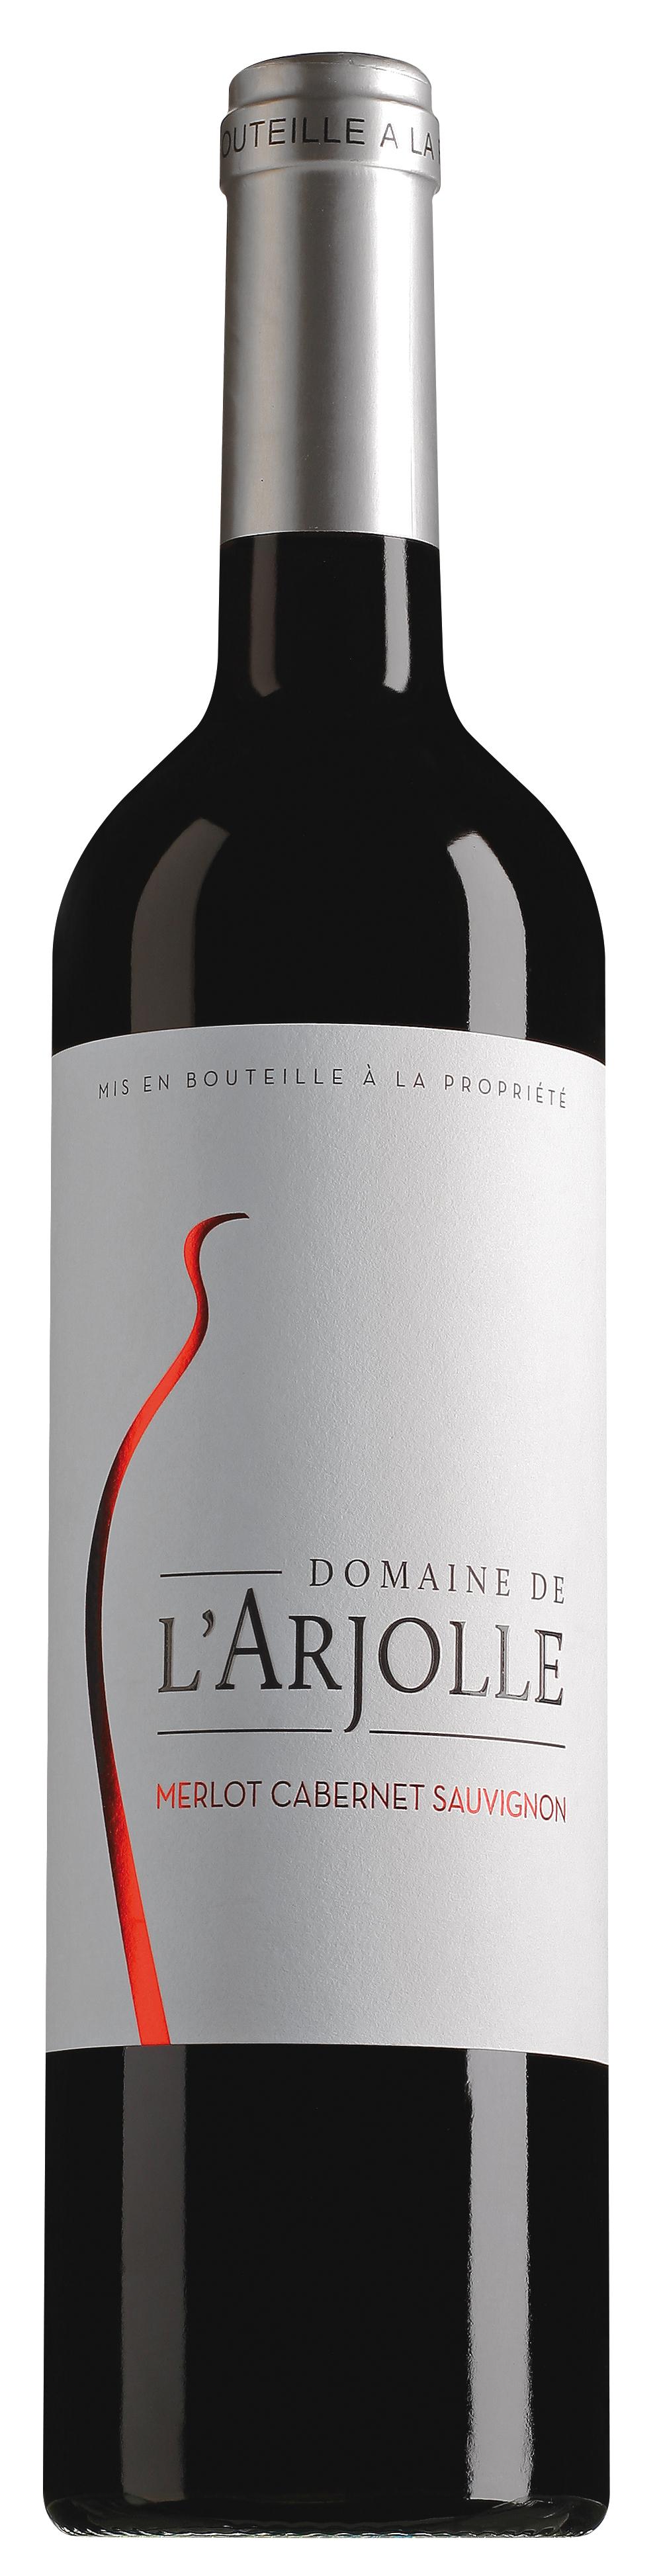 Domaine de l'Arjolle Côtes de Thongue Equilibre Merlot-Cabernet Sauvignon